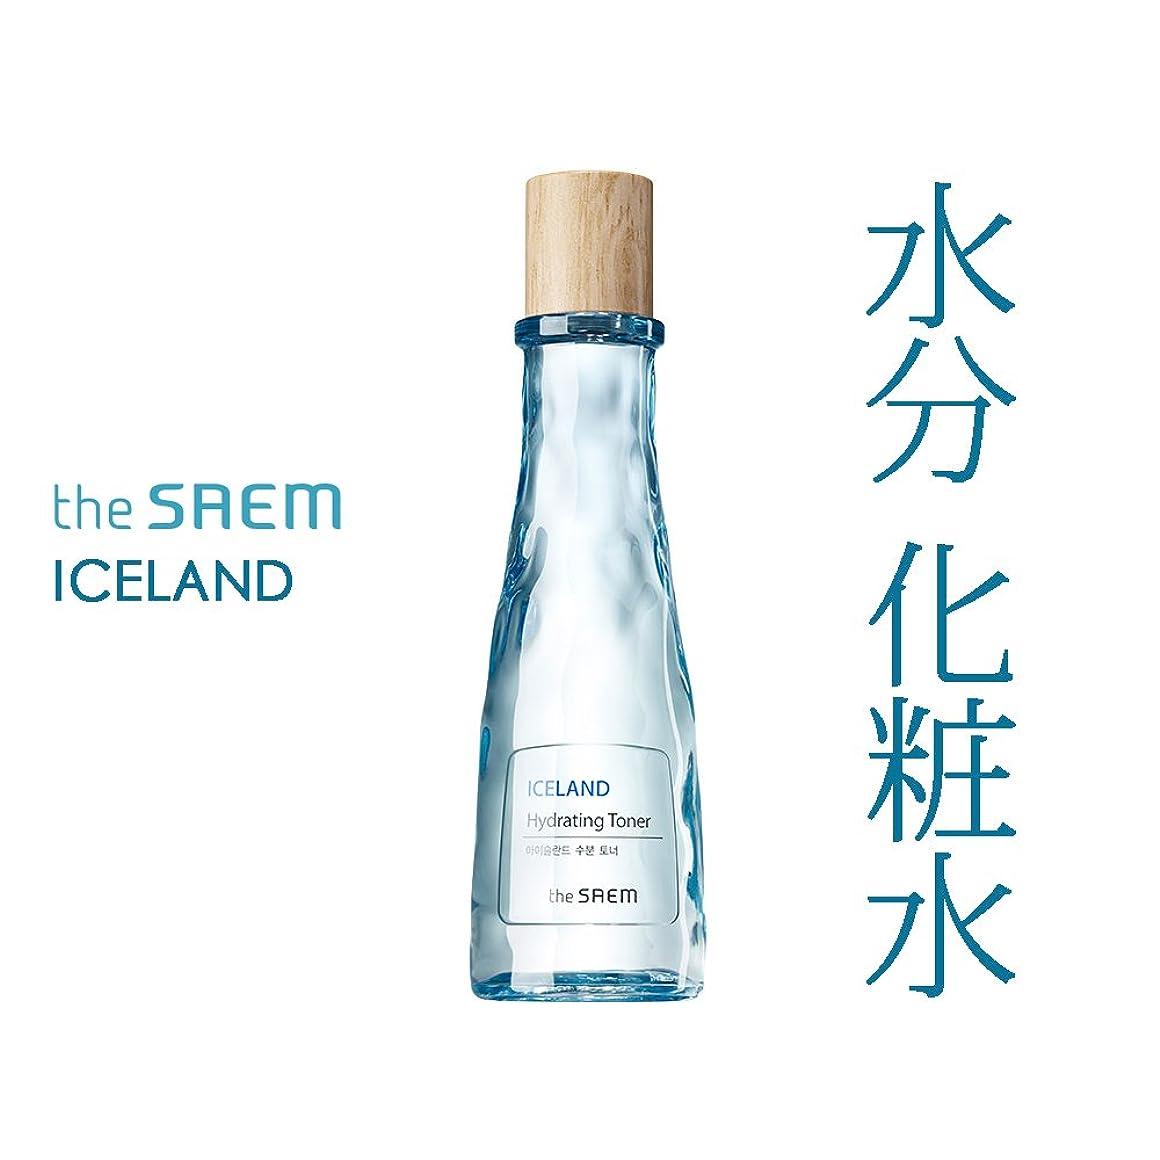 馬鹿ピンク香水THE SAEM ザセム アイスランド 水分 トナー Iceland Hydrating Toner 160ml 【 化粧水 水分補給 潤い 高保湿 韓国コスメ 】